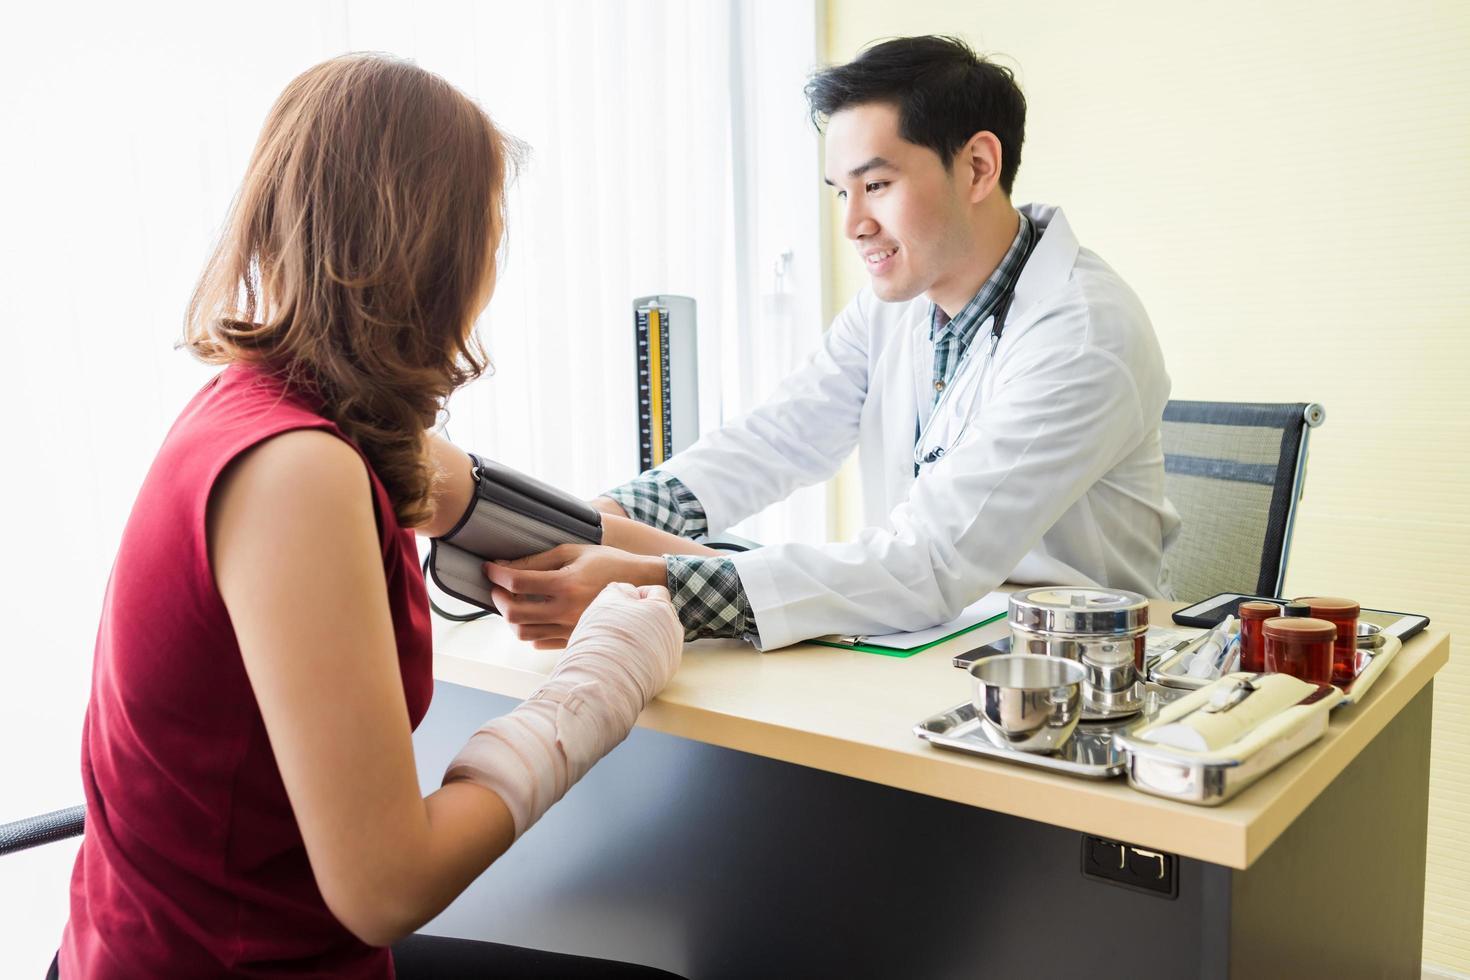 médico masculino asiático com paciente do sexo feminino foto